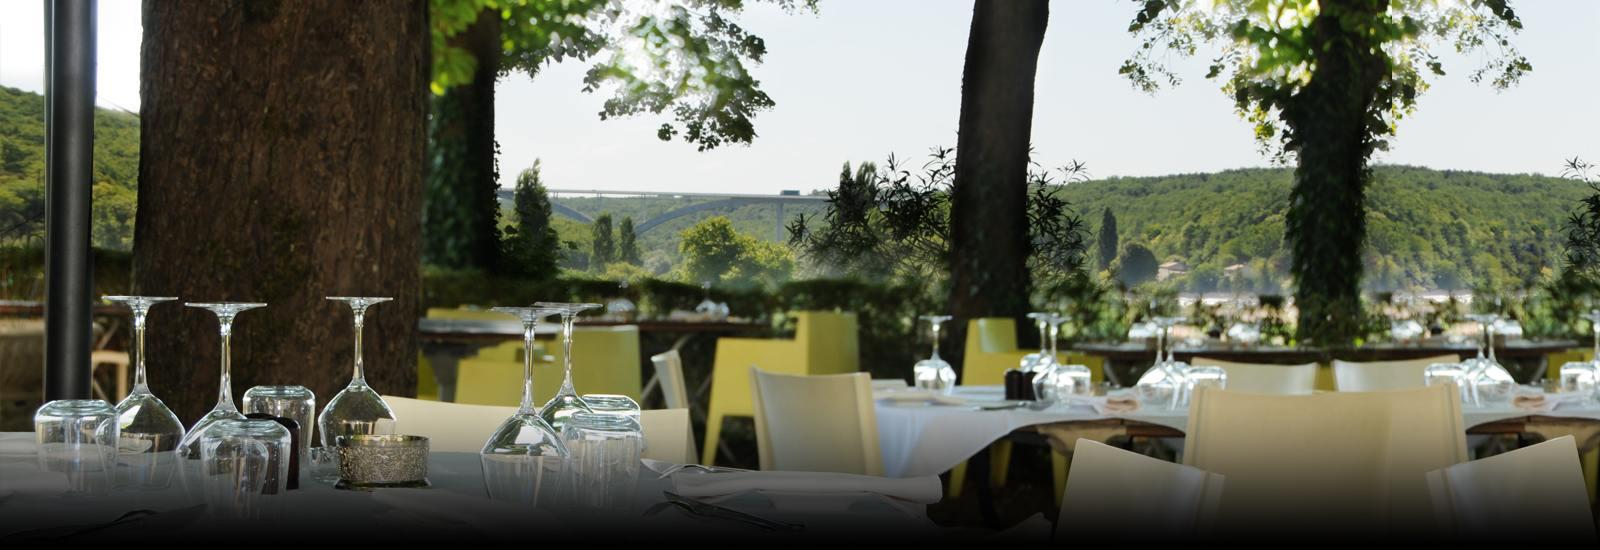 Restaurant Gastronomique Angouleme Et Alentours